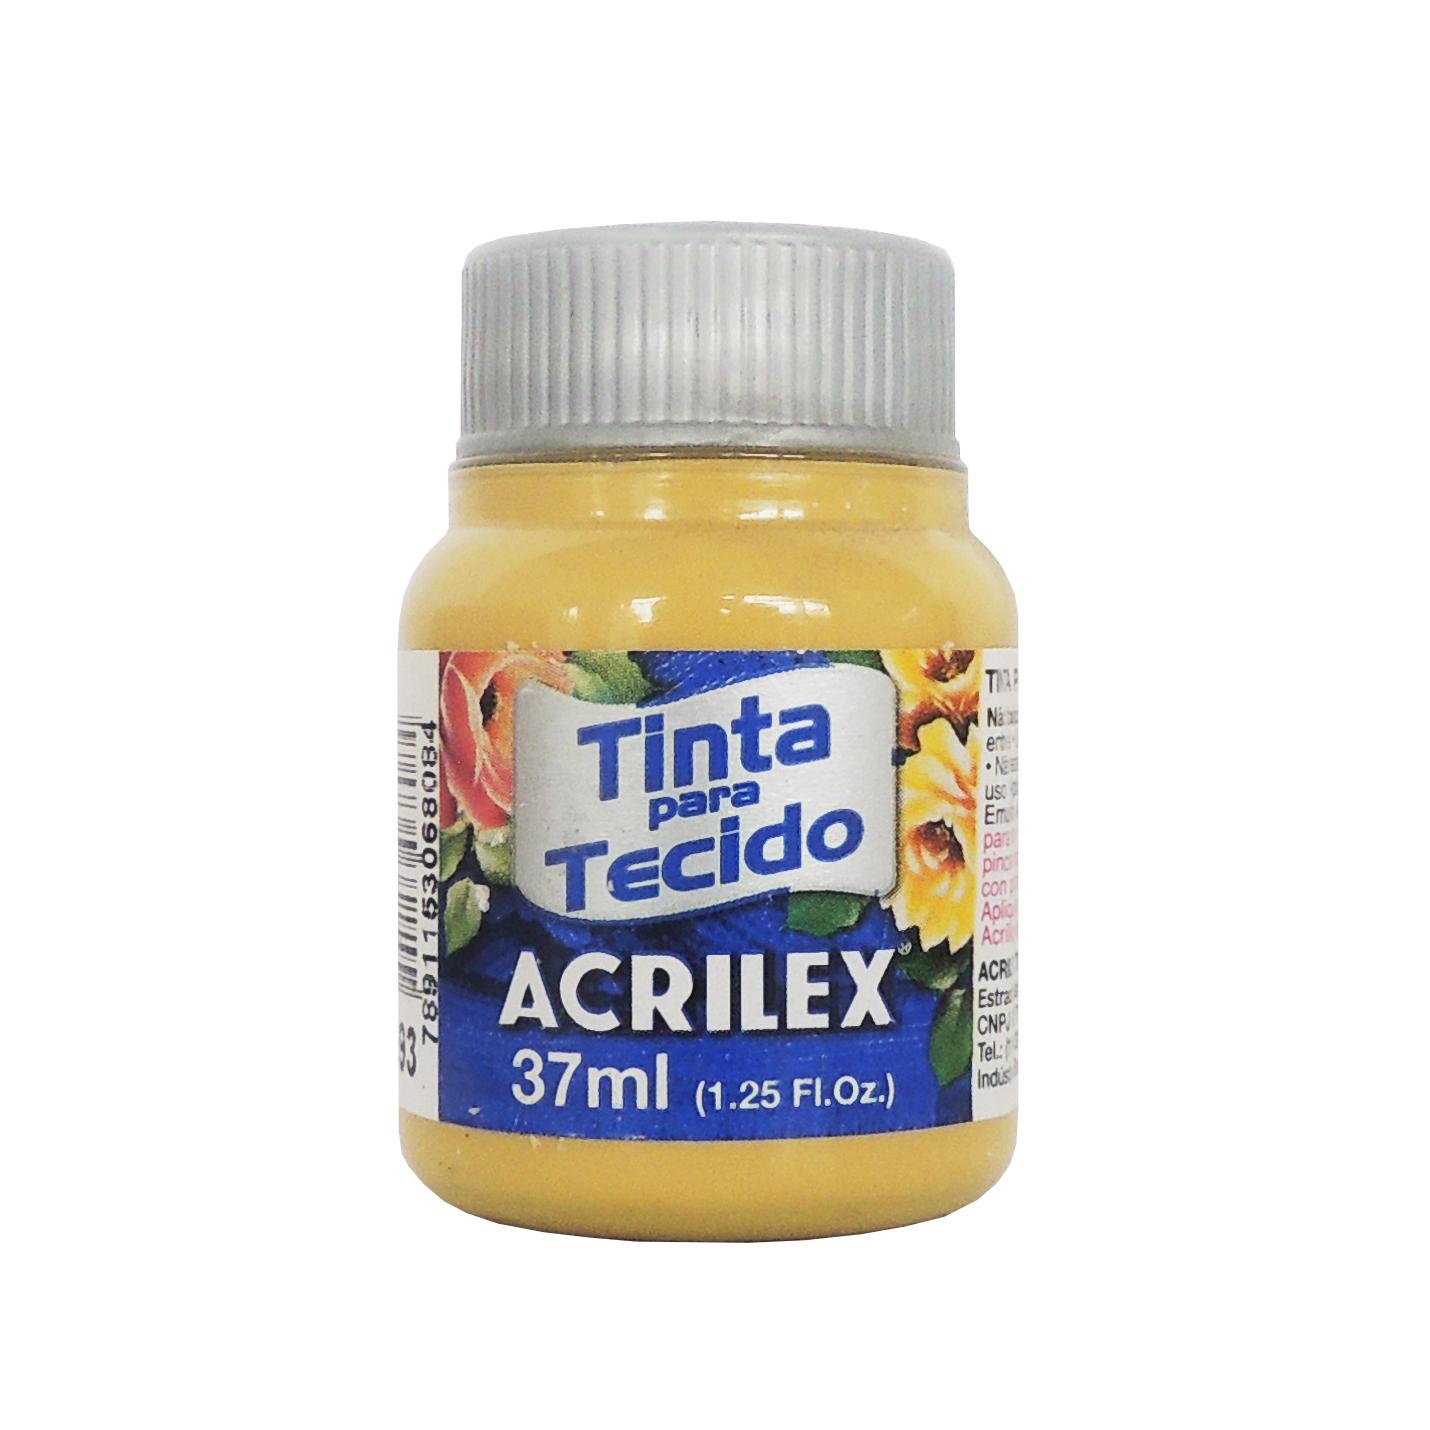 tinta-para-tecido-acrilex-37ml-593-mortarda